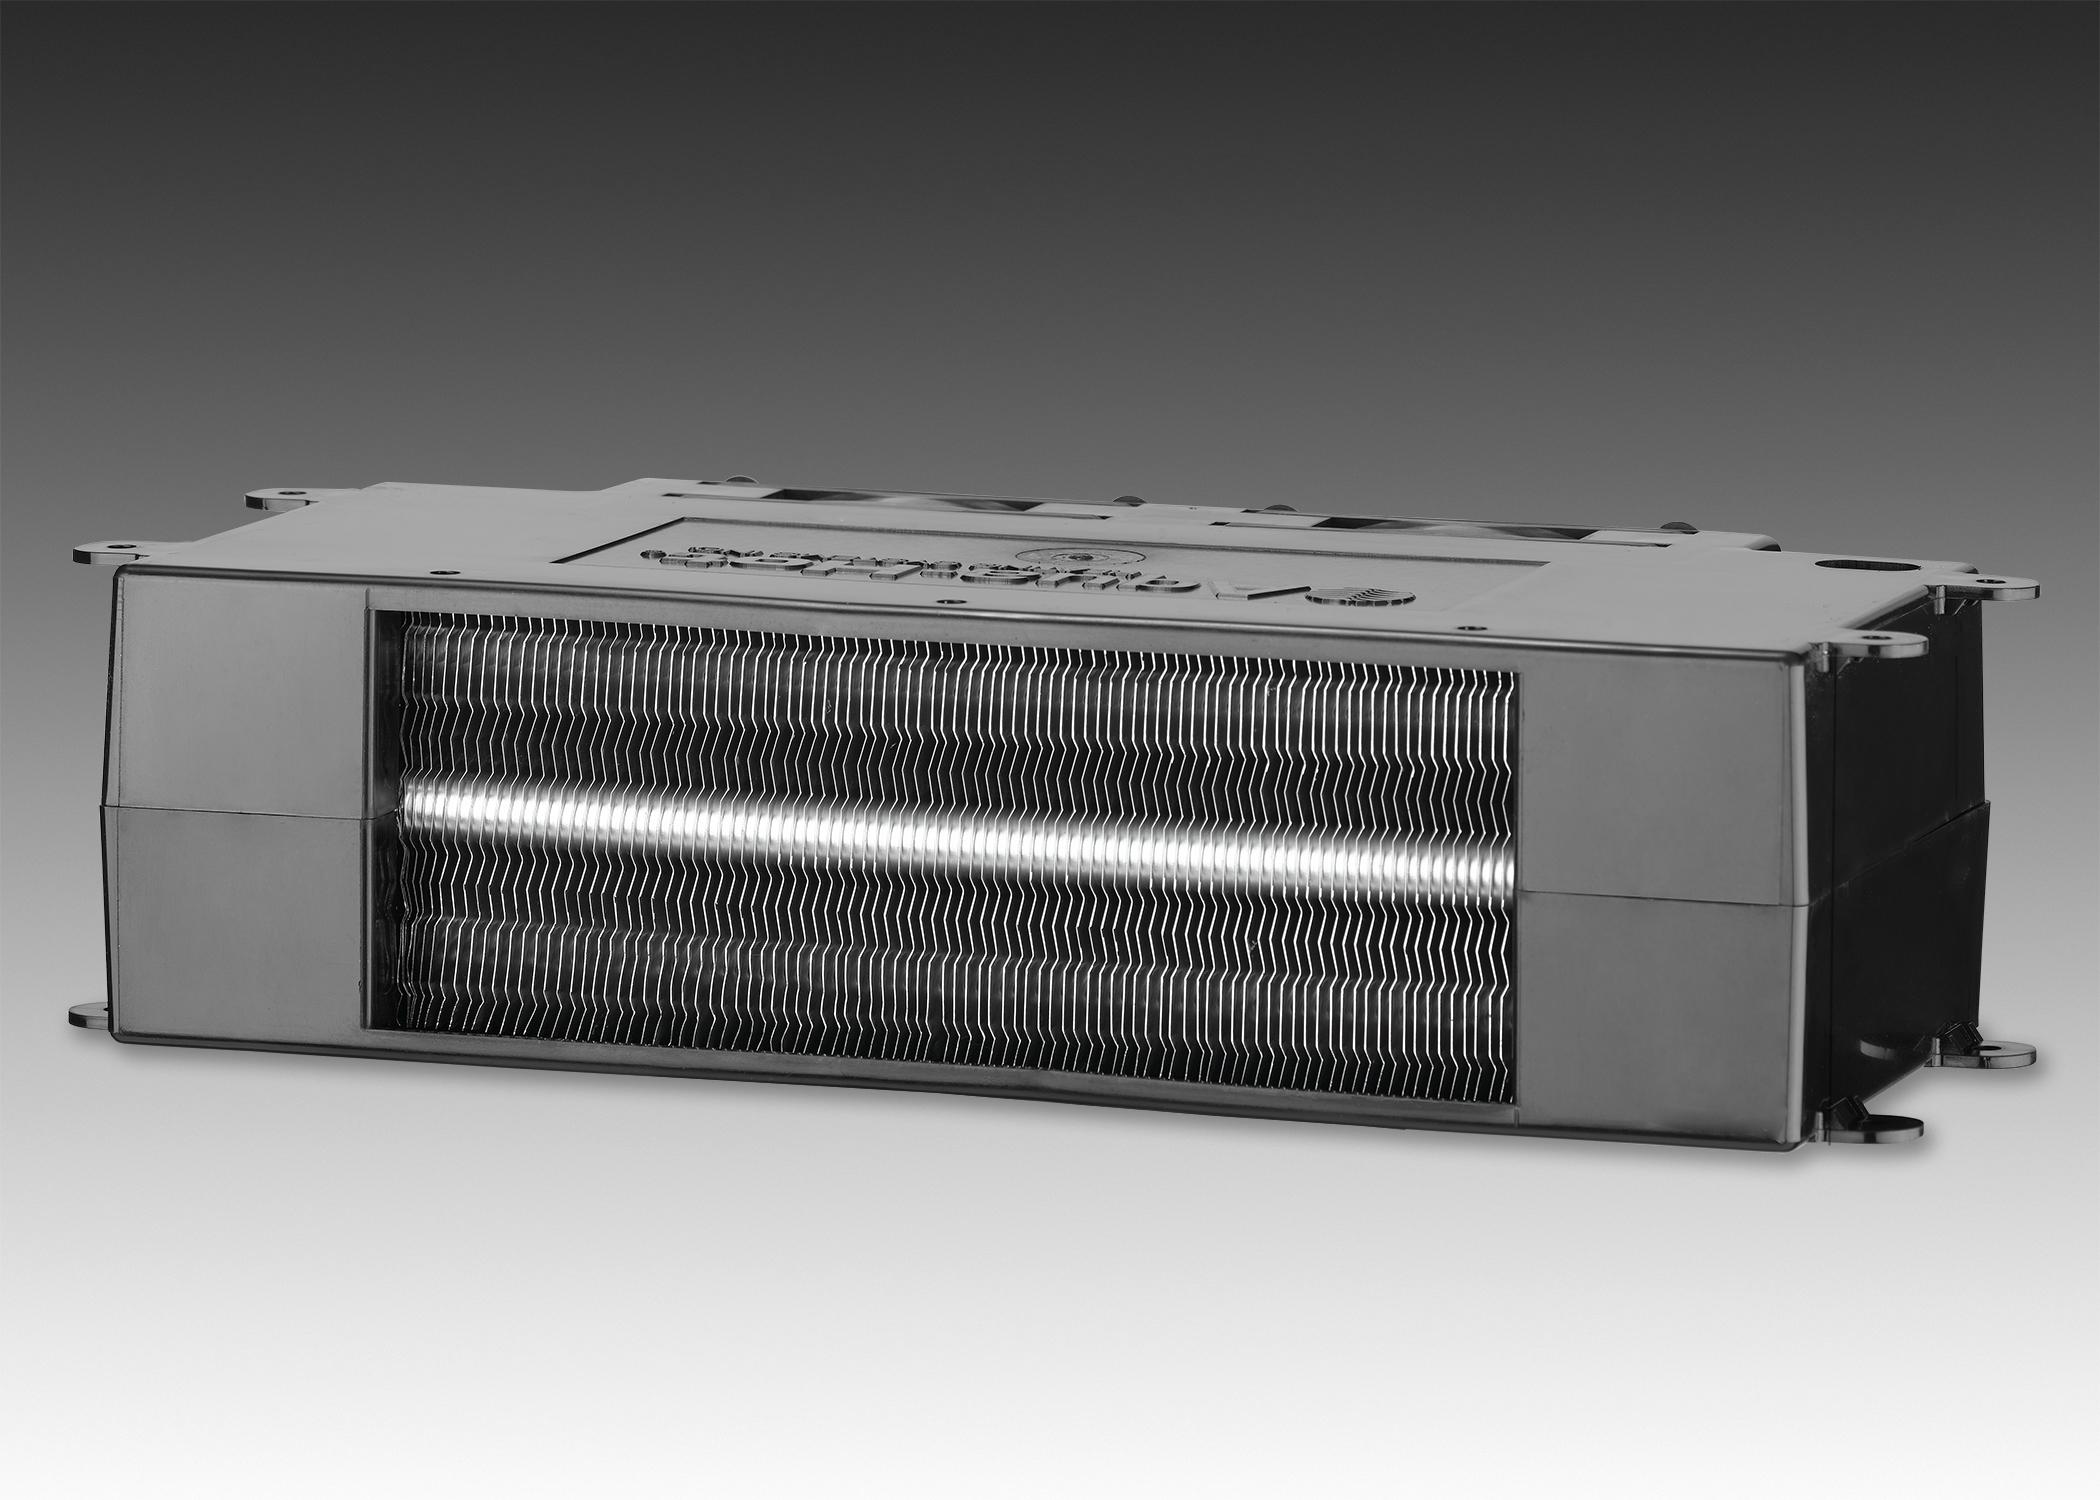 Cozy III Heat Exchanger